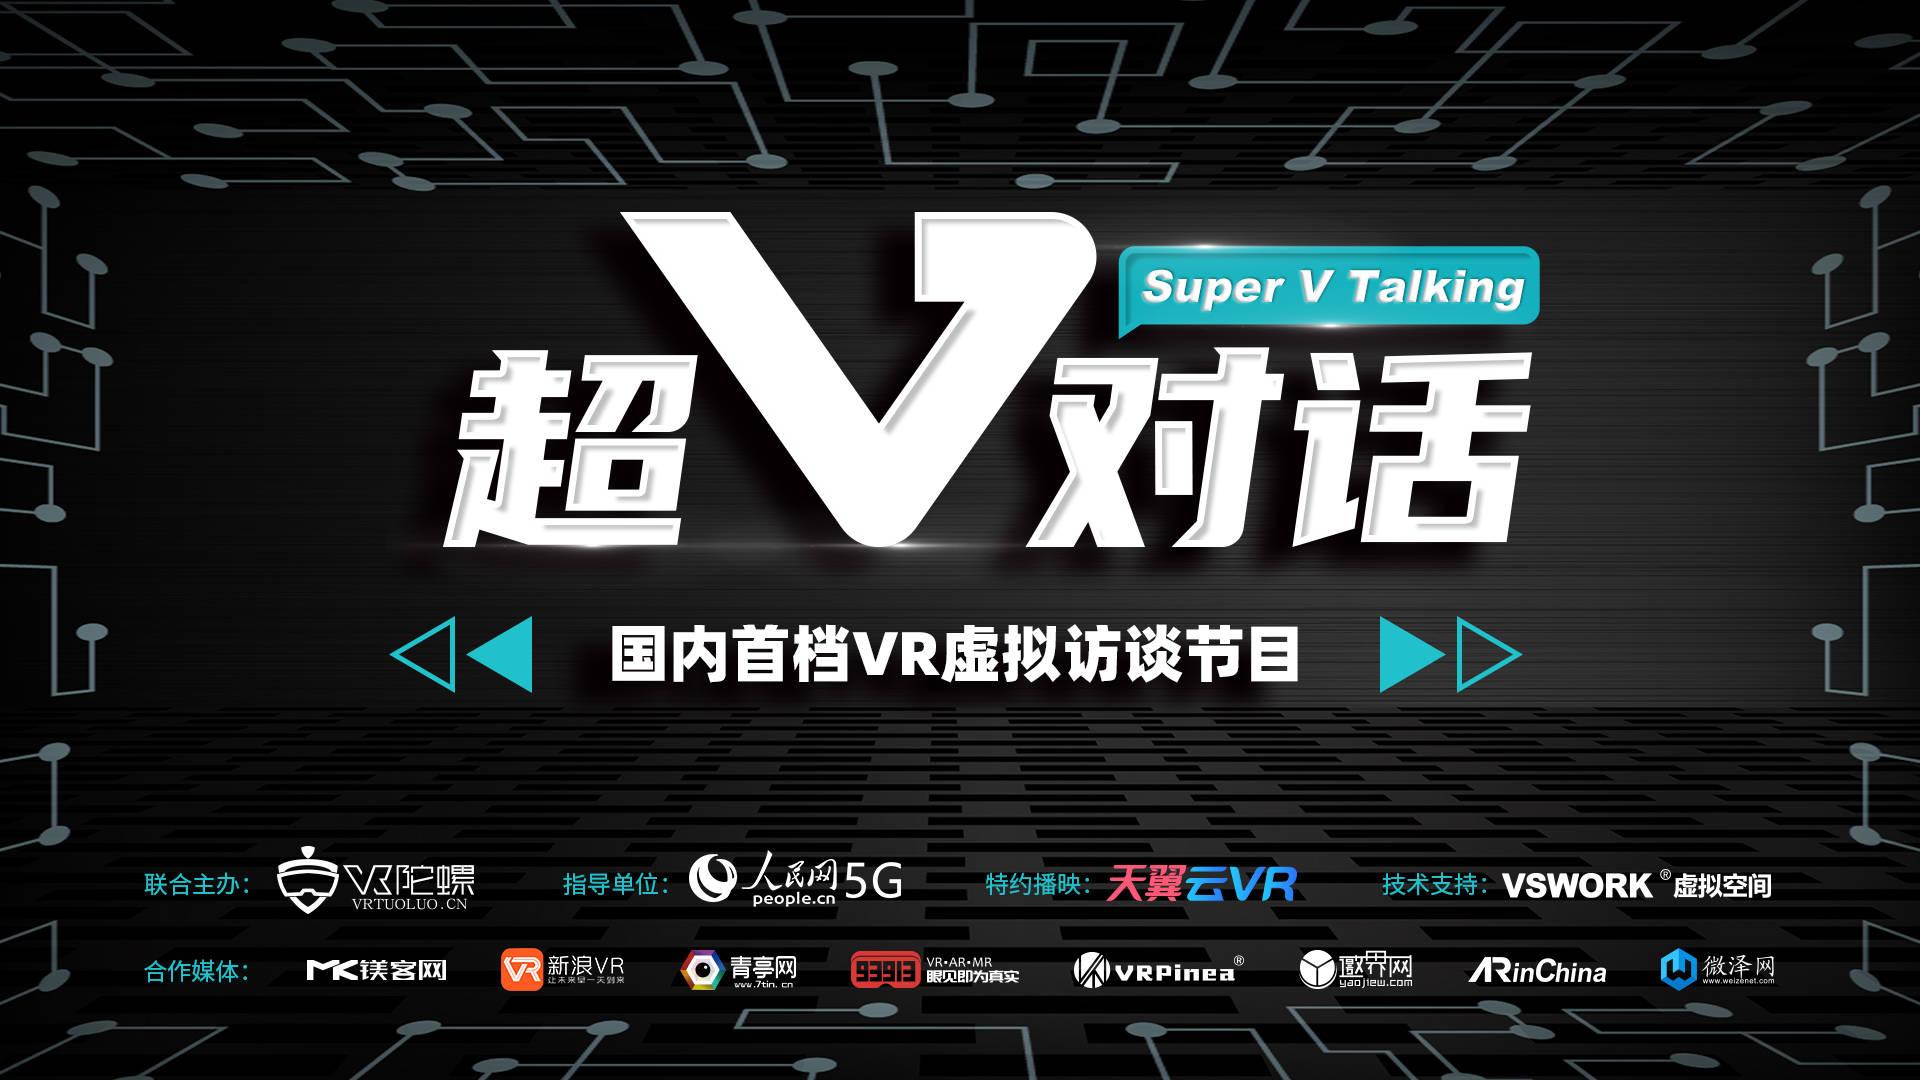 超V对话   百度VR与天翼云分享,VR教育的现状与5G带来的影响